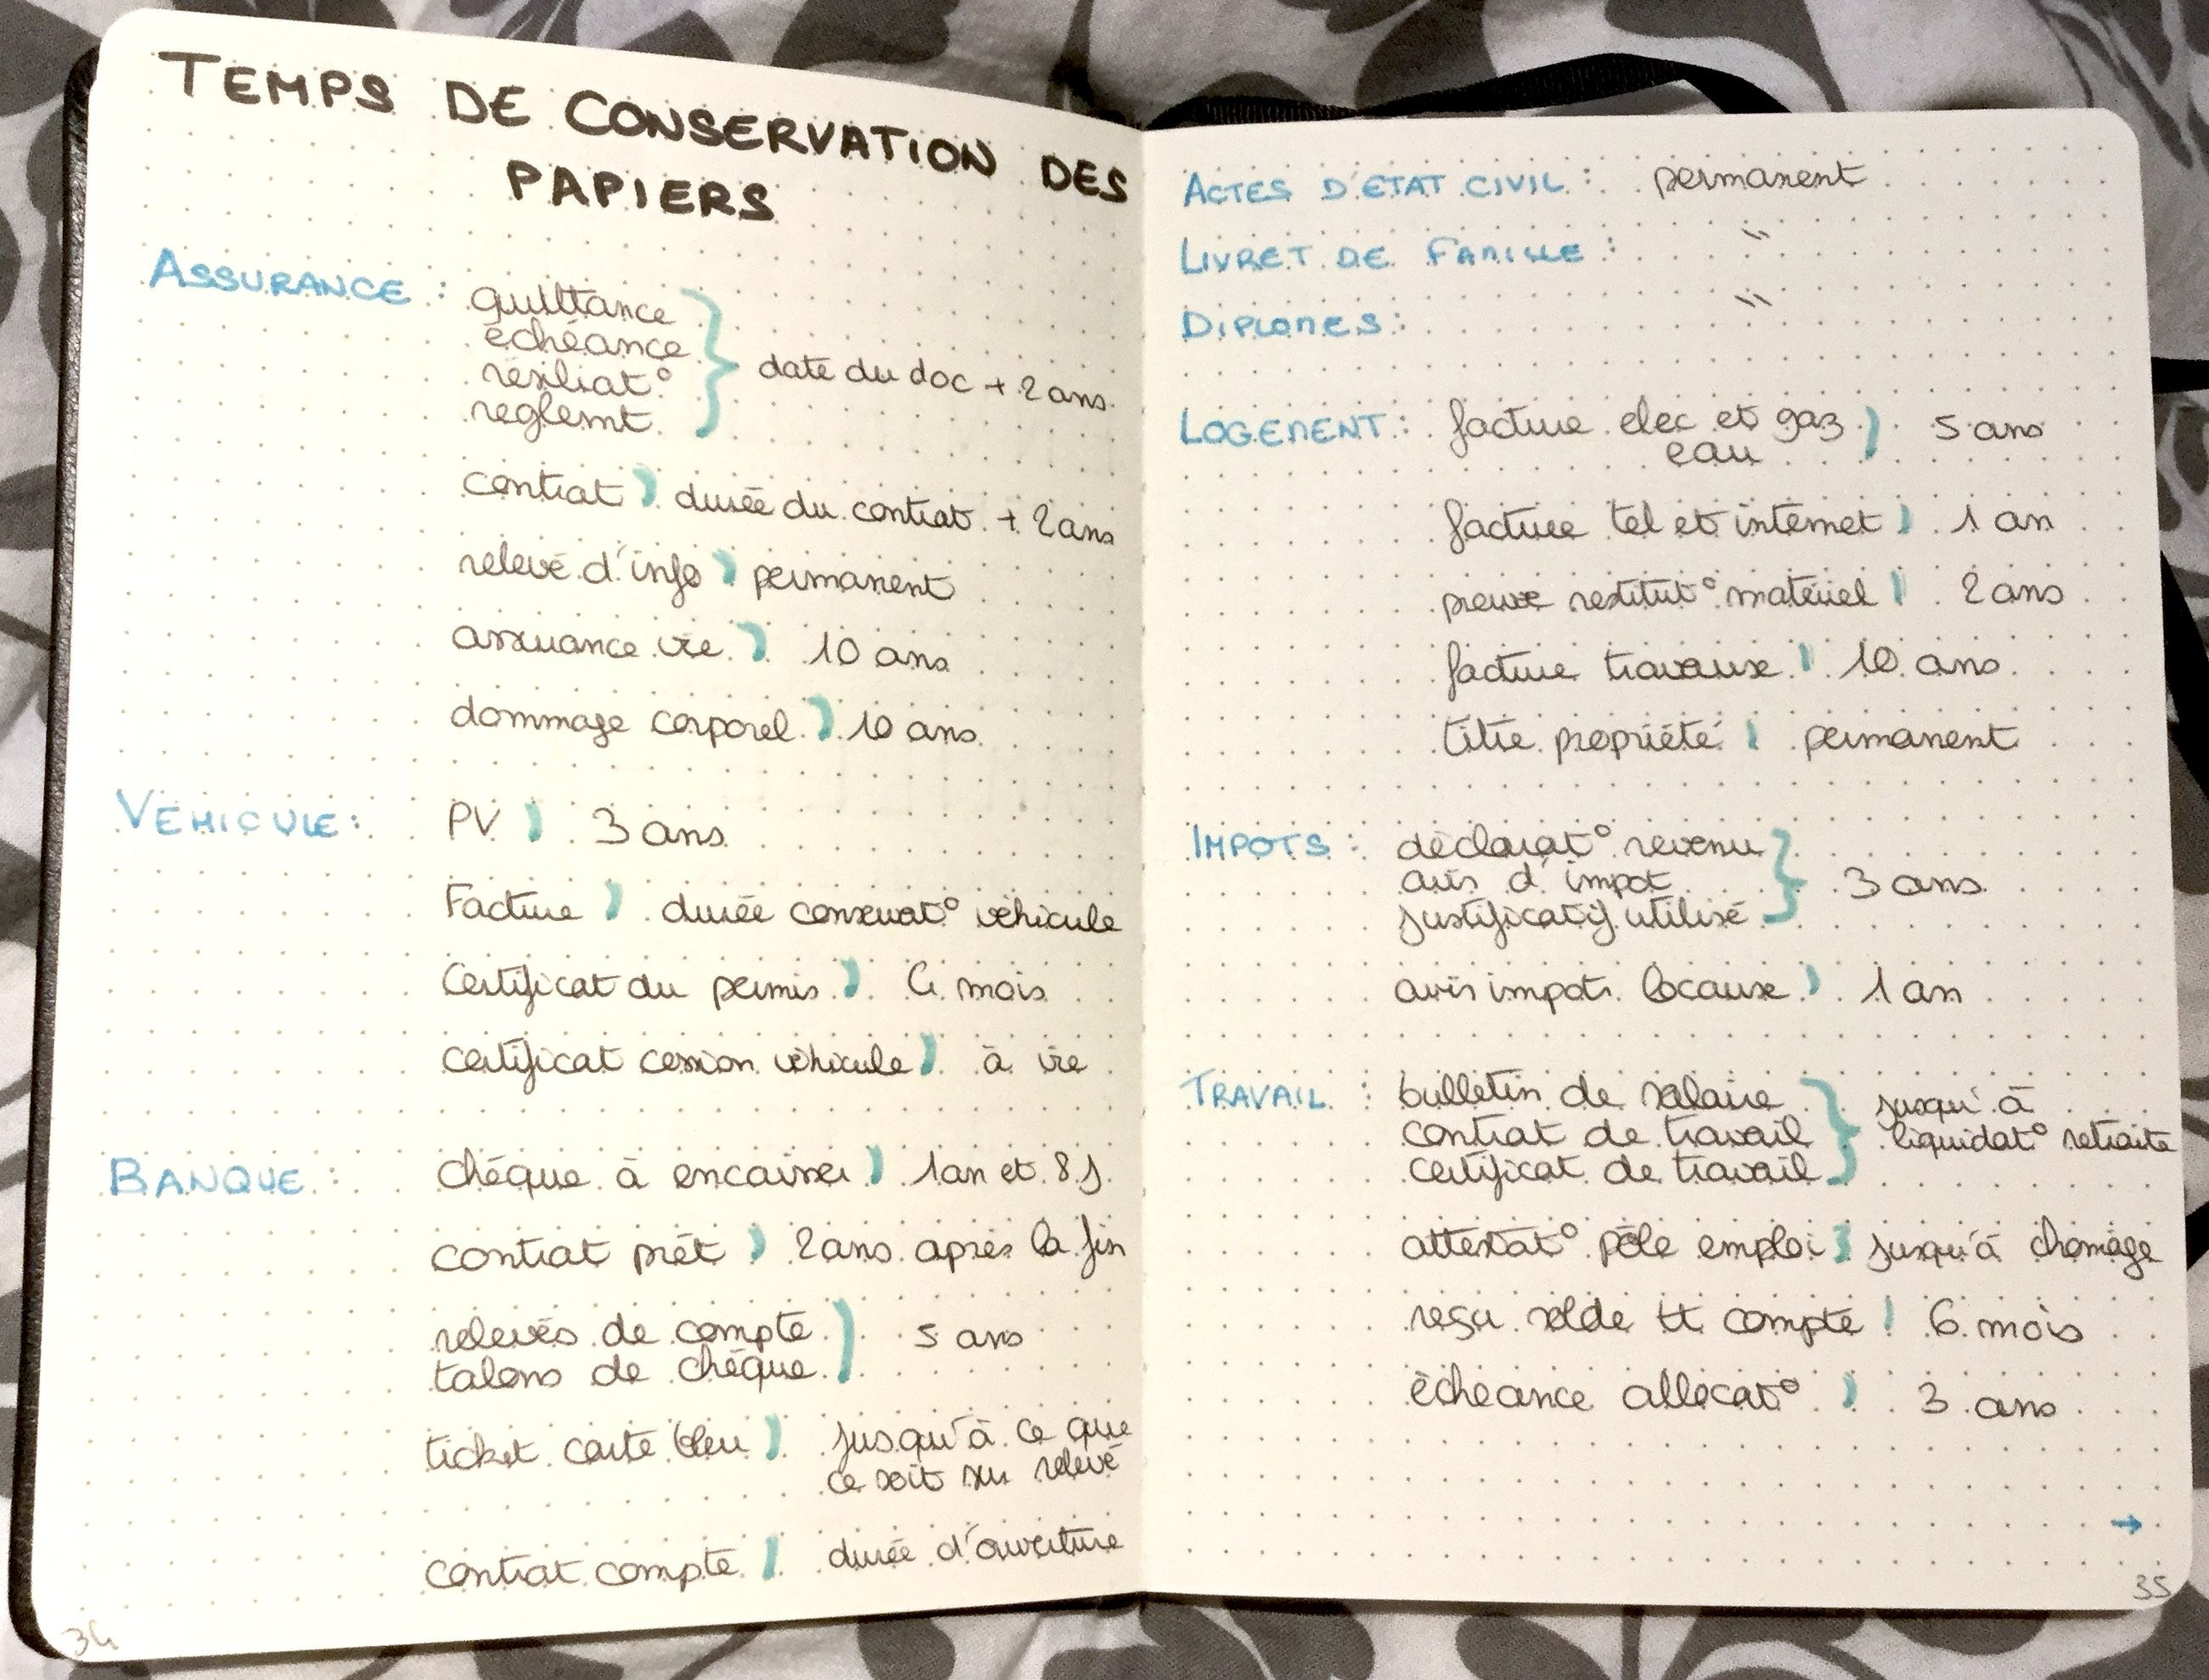 J Ai Voulu Ajouter Une Page Avec Les Temps De Conservation